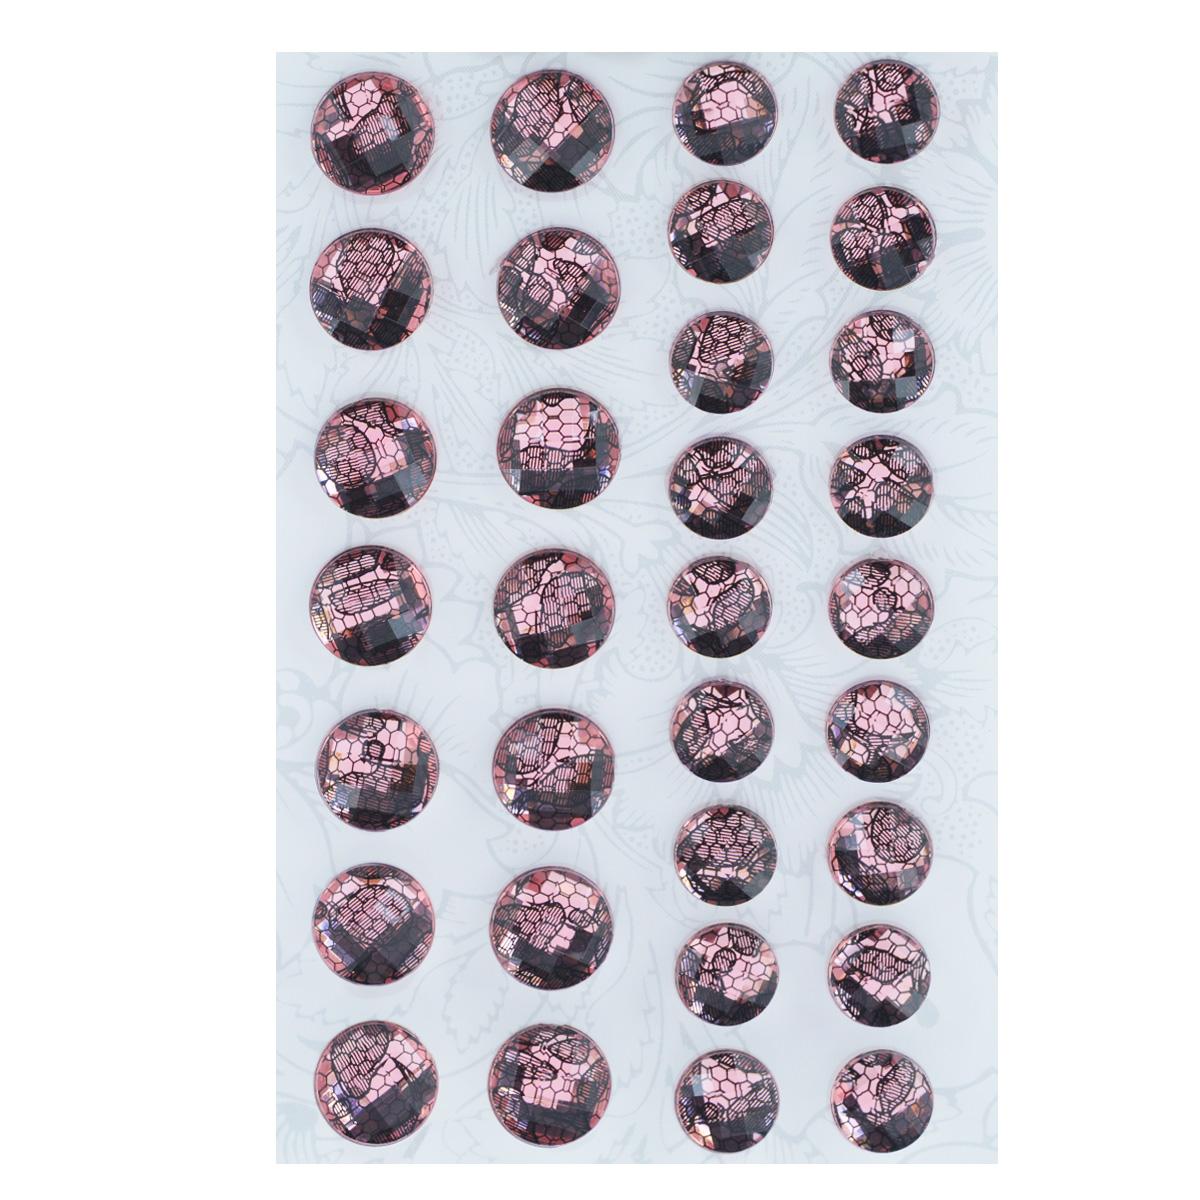 Наклейки декоративные Астра, цвет: розовый, 32 шт. 77083487708349Декоративные наклейки Астра, изготовленные из пластика, прекрасно подойдут для оформления творческих работ в технике скрапбукинга. Их можно использовать для украшения фотоальбомов, скрап-страничек, подарков, конвертов, фоторамок, открыток и т.д. Объемные наклейки круглой формы оснащены задней клейкой стороной. Скрапбукинг - это хобби, которое способно приносить массу приятных эмоций не только человеку, который этим занимается, но и его близким, друзьям, родным. Это невероятно увлекательное занятие, которое поможет вам сохранить наиболее памятные и яркие моменты вашей жизни, а также интересно оформить интерьер дома. Диаметр наклеек: 10 мм, 12 мм.